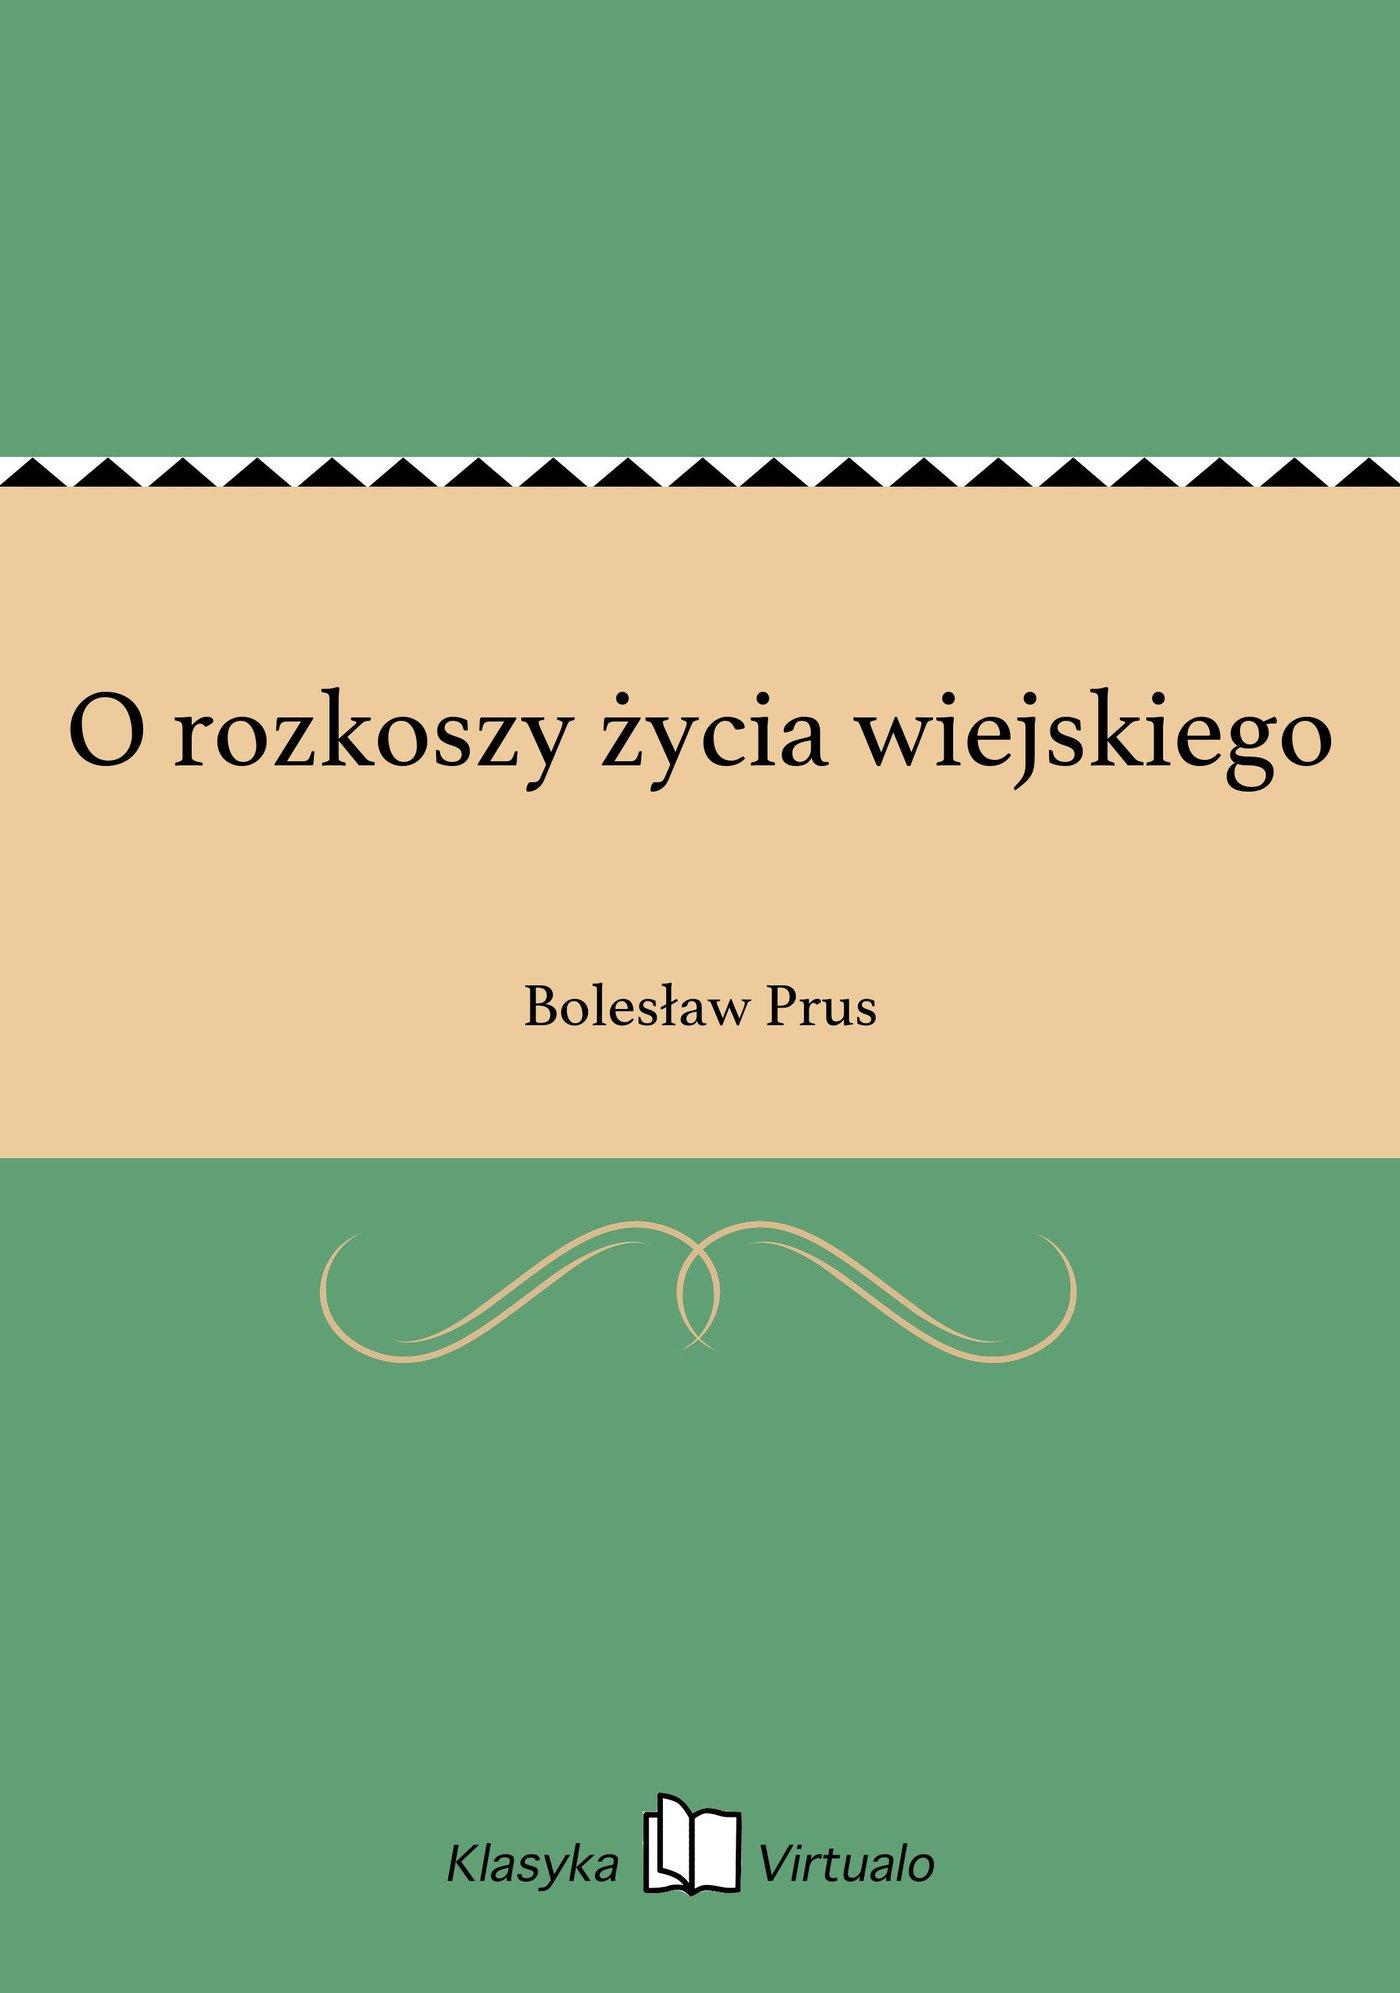 O rozkoszy życia wiejskiego - Ebook (Książka na Kindle) do pobrania w formacie MOBI